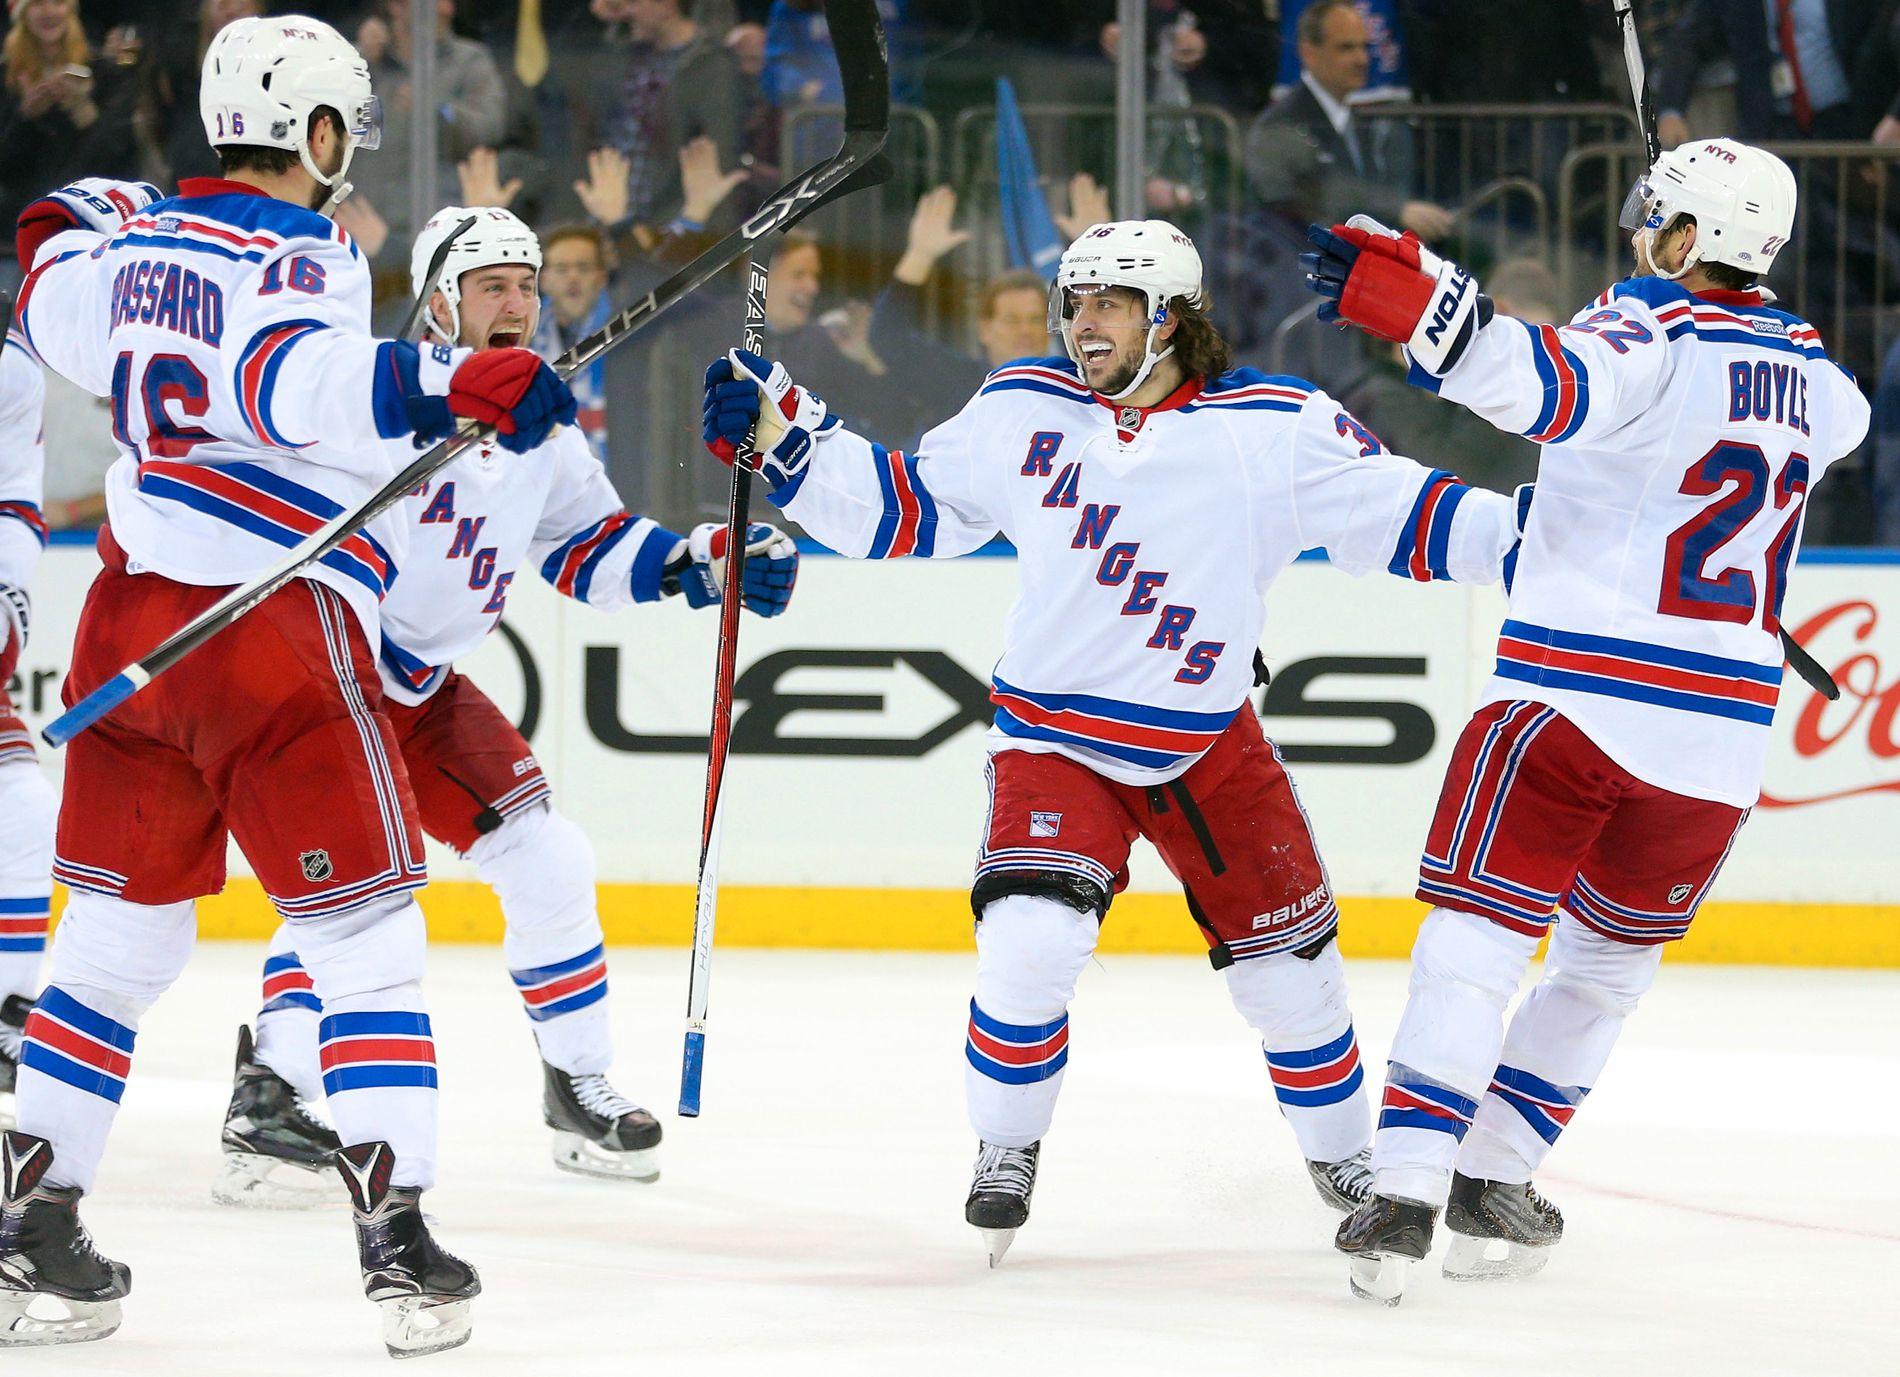 ZUCCA-GLEDE I NEW YORK: Mats Zuccarello blir gratulert av lagkameratene i New York Rangers etter å ha blitt matchvinner i spilleforlengelsen mot Anaheim Ducks i Madison Square Garden 22. desember i fjor.